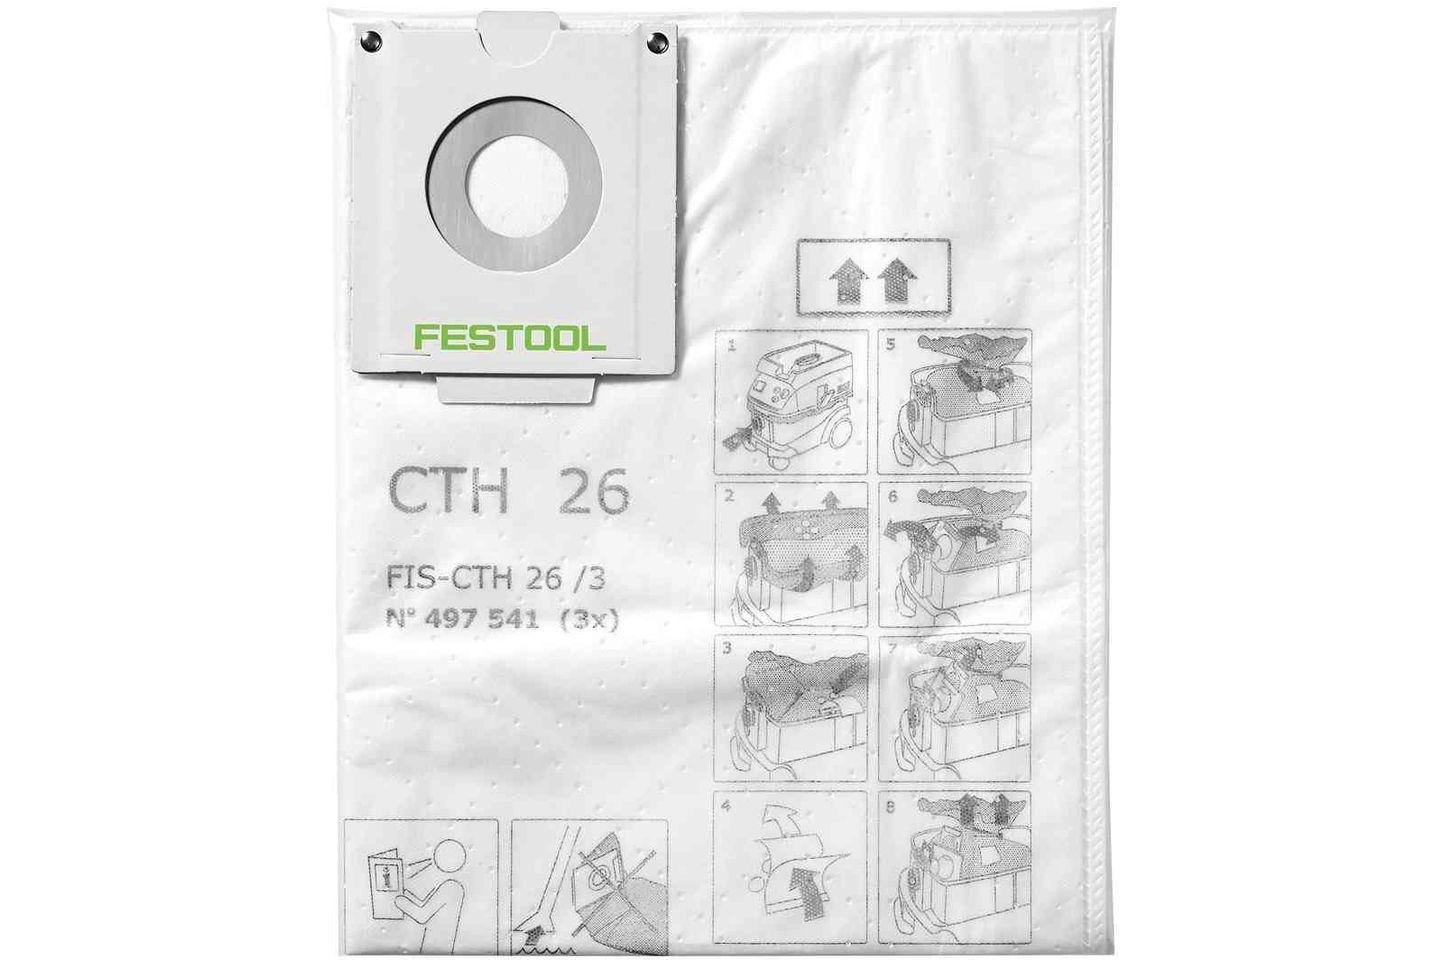 Festool Sac de filtrare de siguranta FIS-CTH 48/3